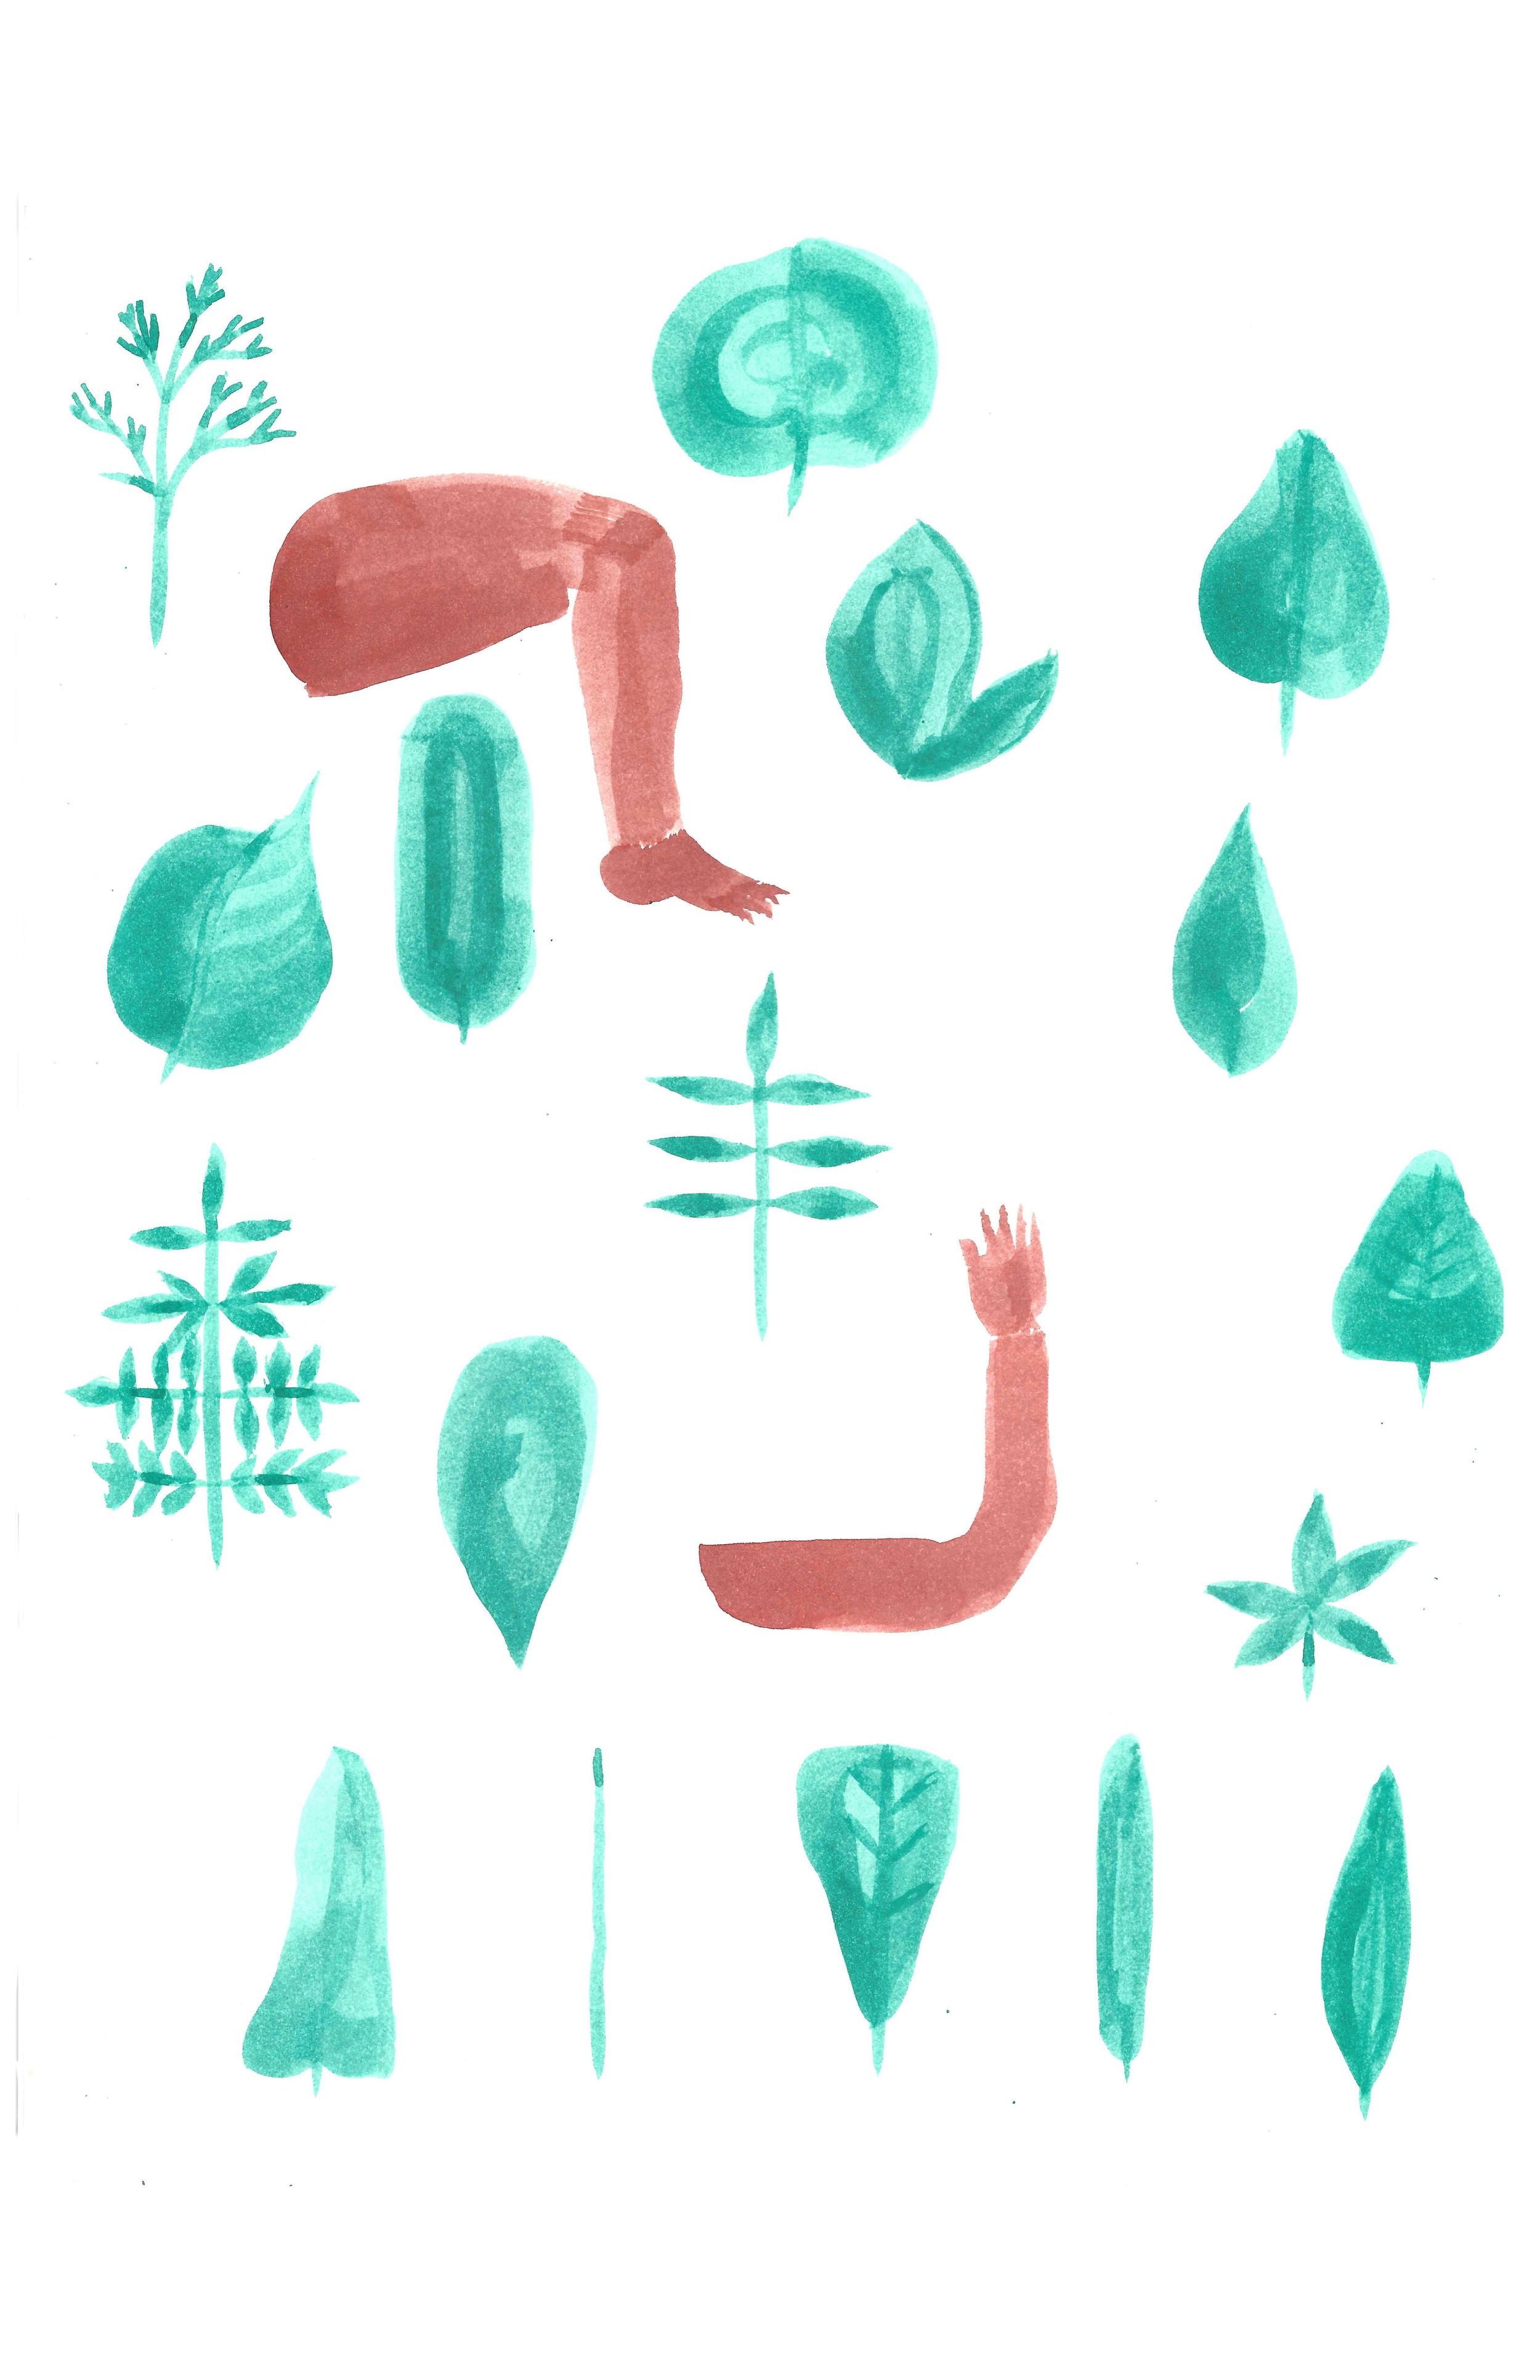 Leaf Shapes and Limbs